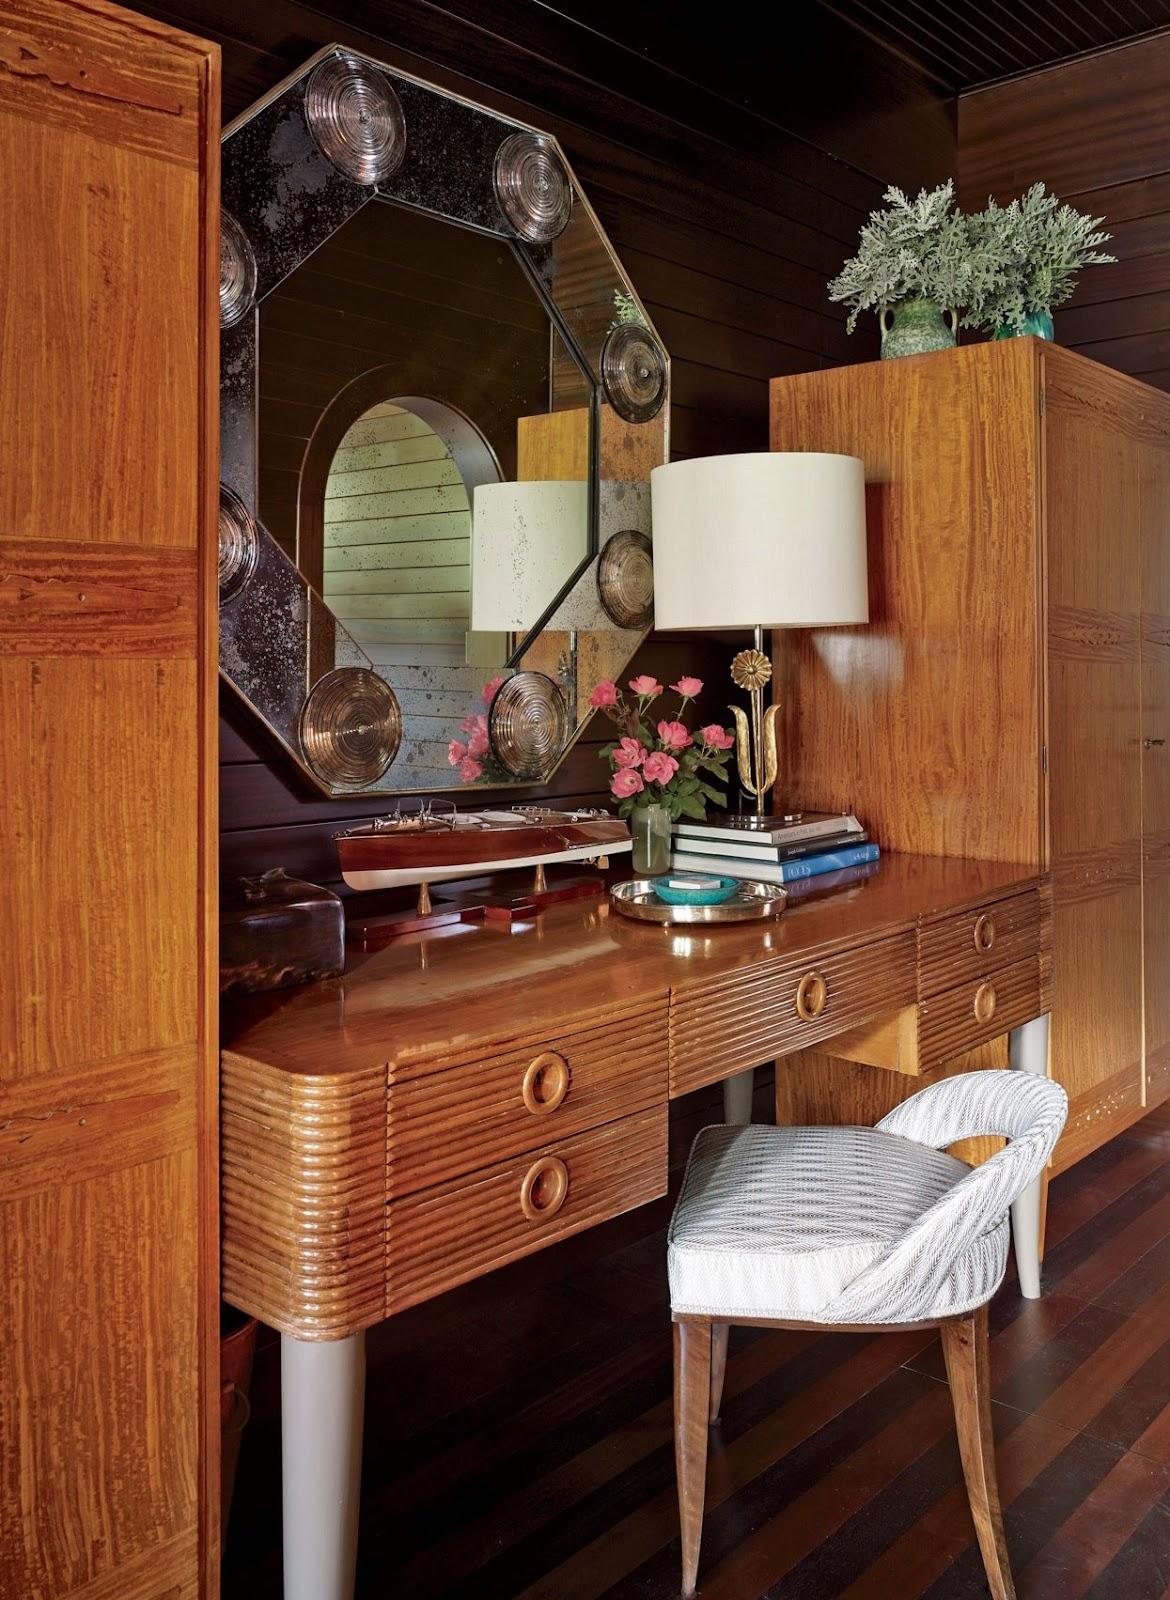 Penempatan furnitur dan barang-barang antik dalam interior bergaya art deco - source: architecturaldigest.com